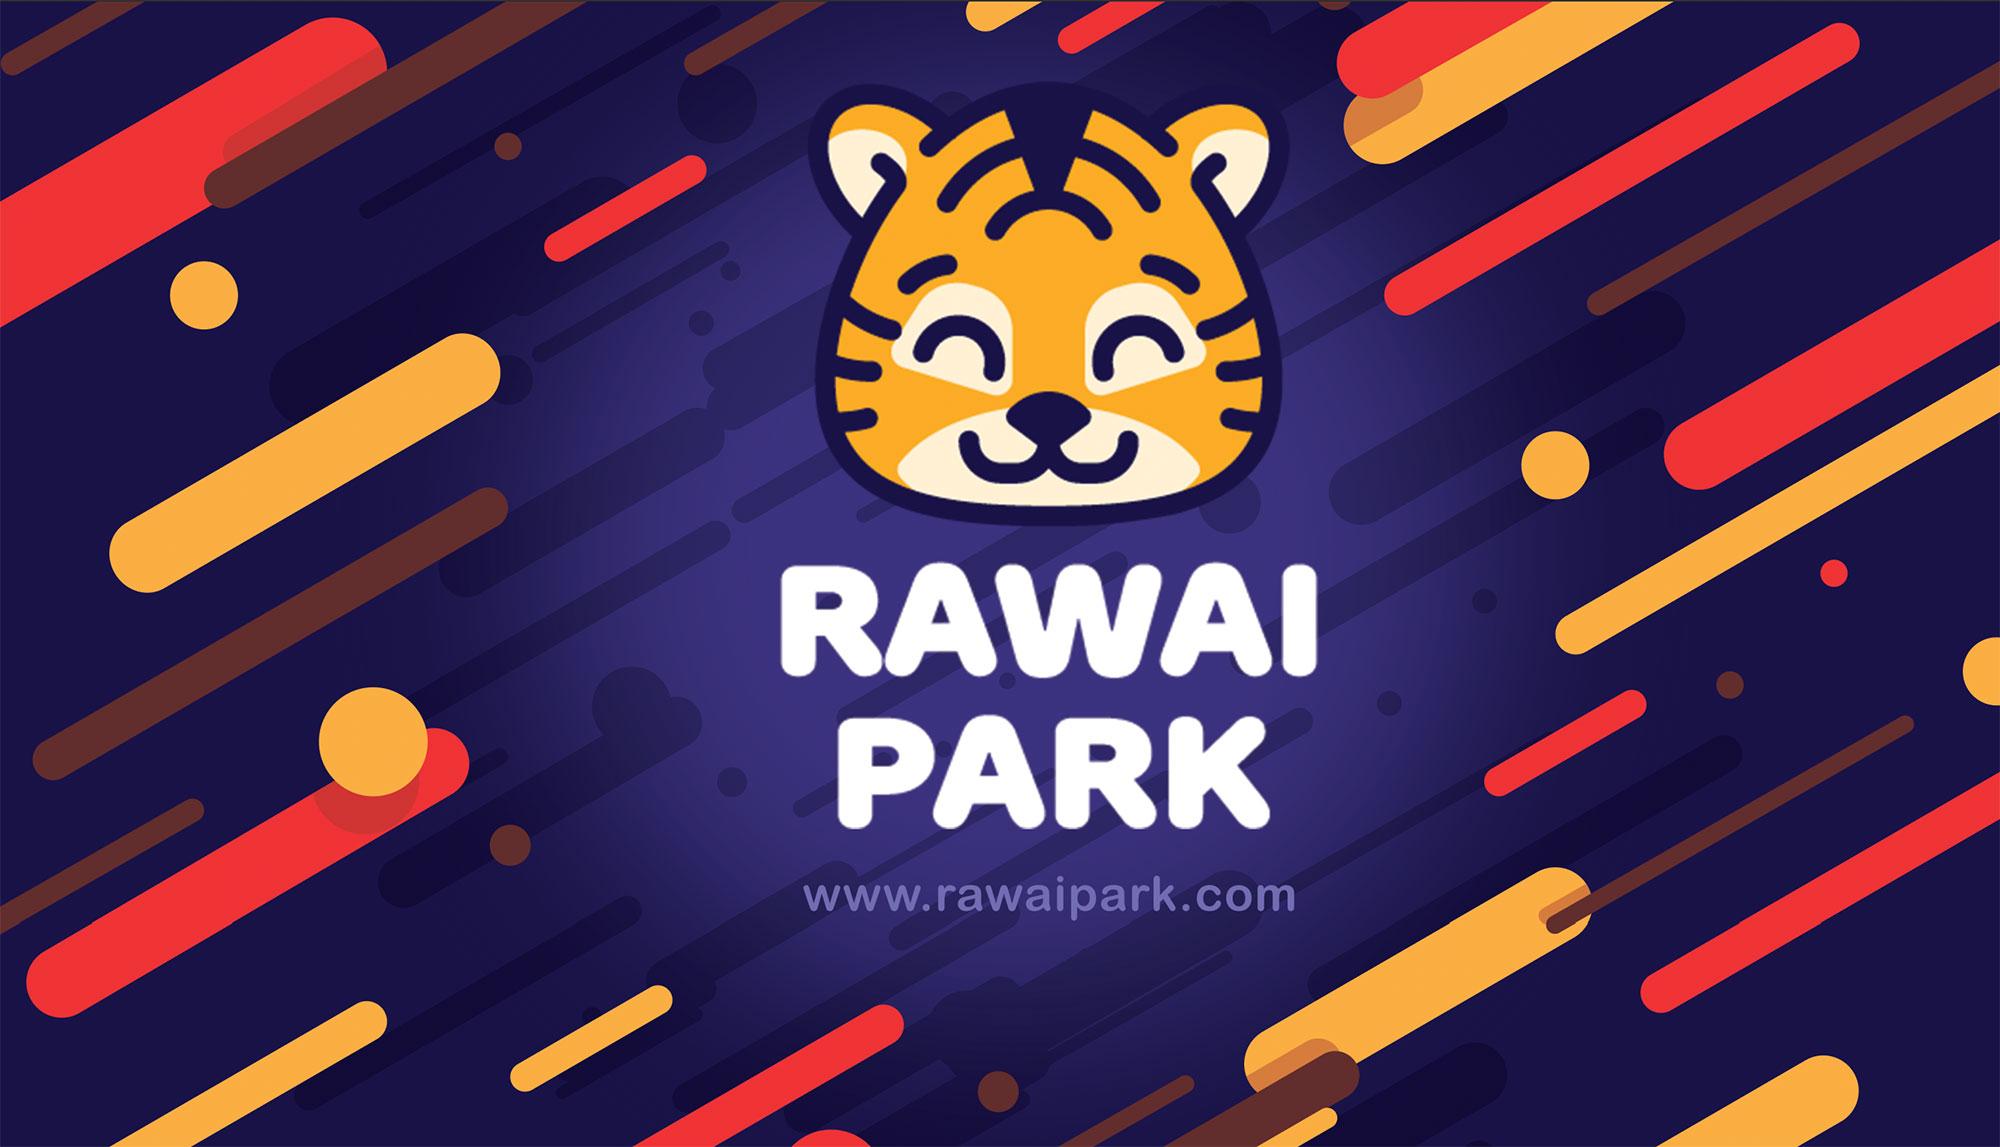 RawaiPark-web